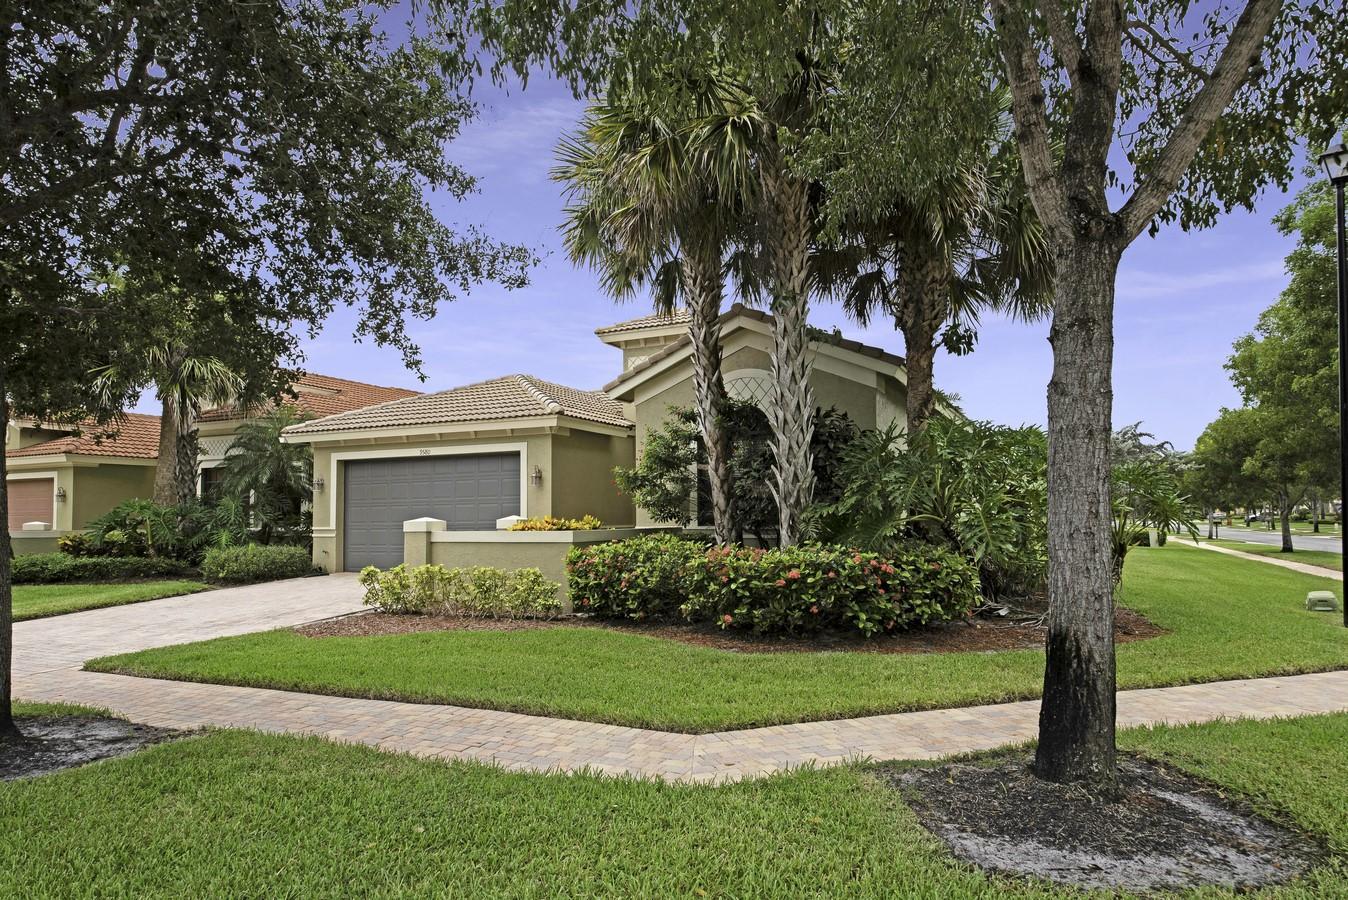 Photo of 9580 Tivoli Isles Boulevard, Delray Beach, FL 33446